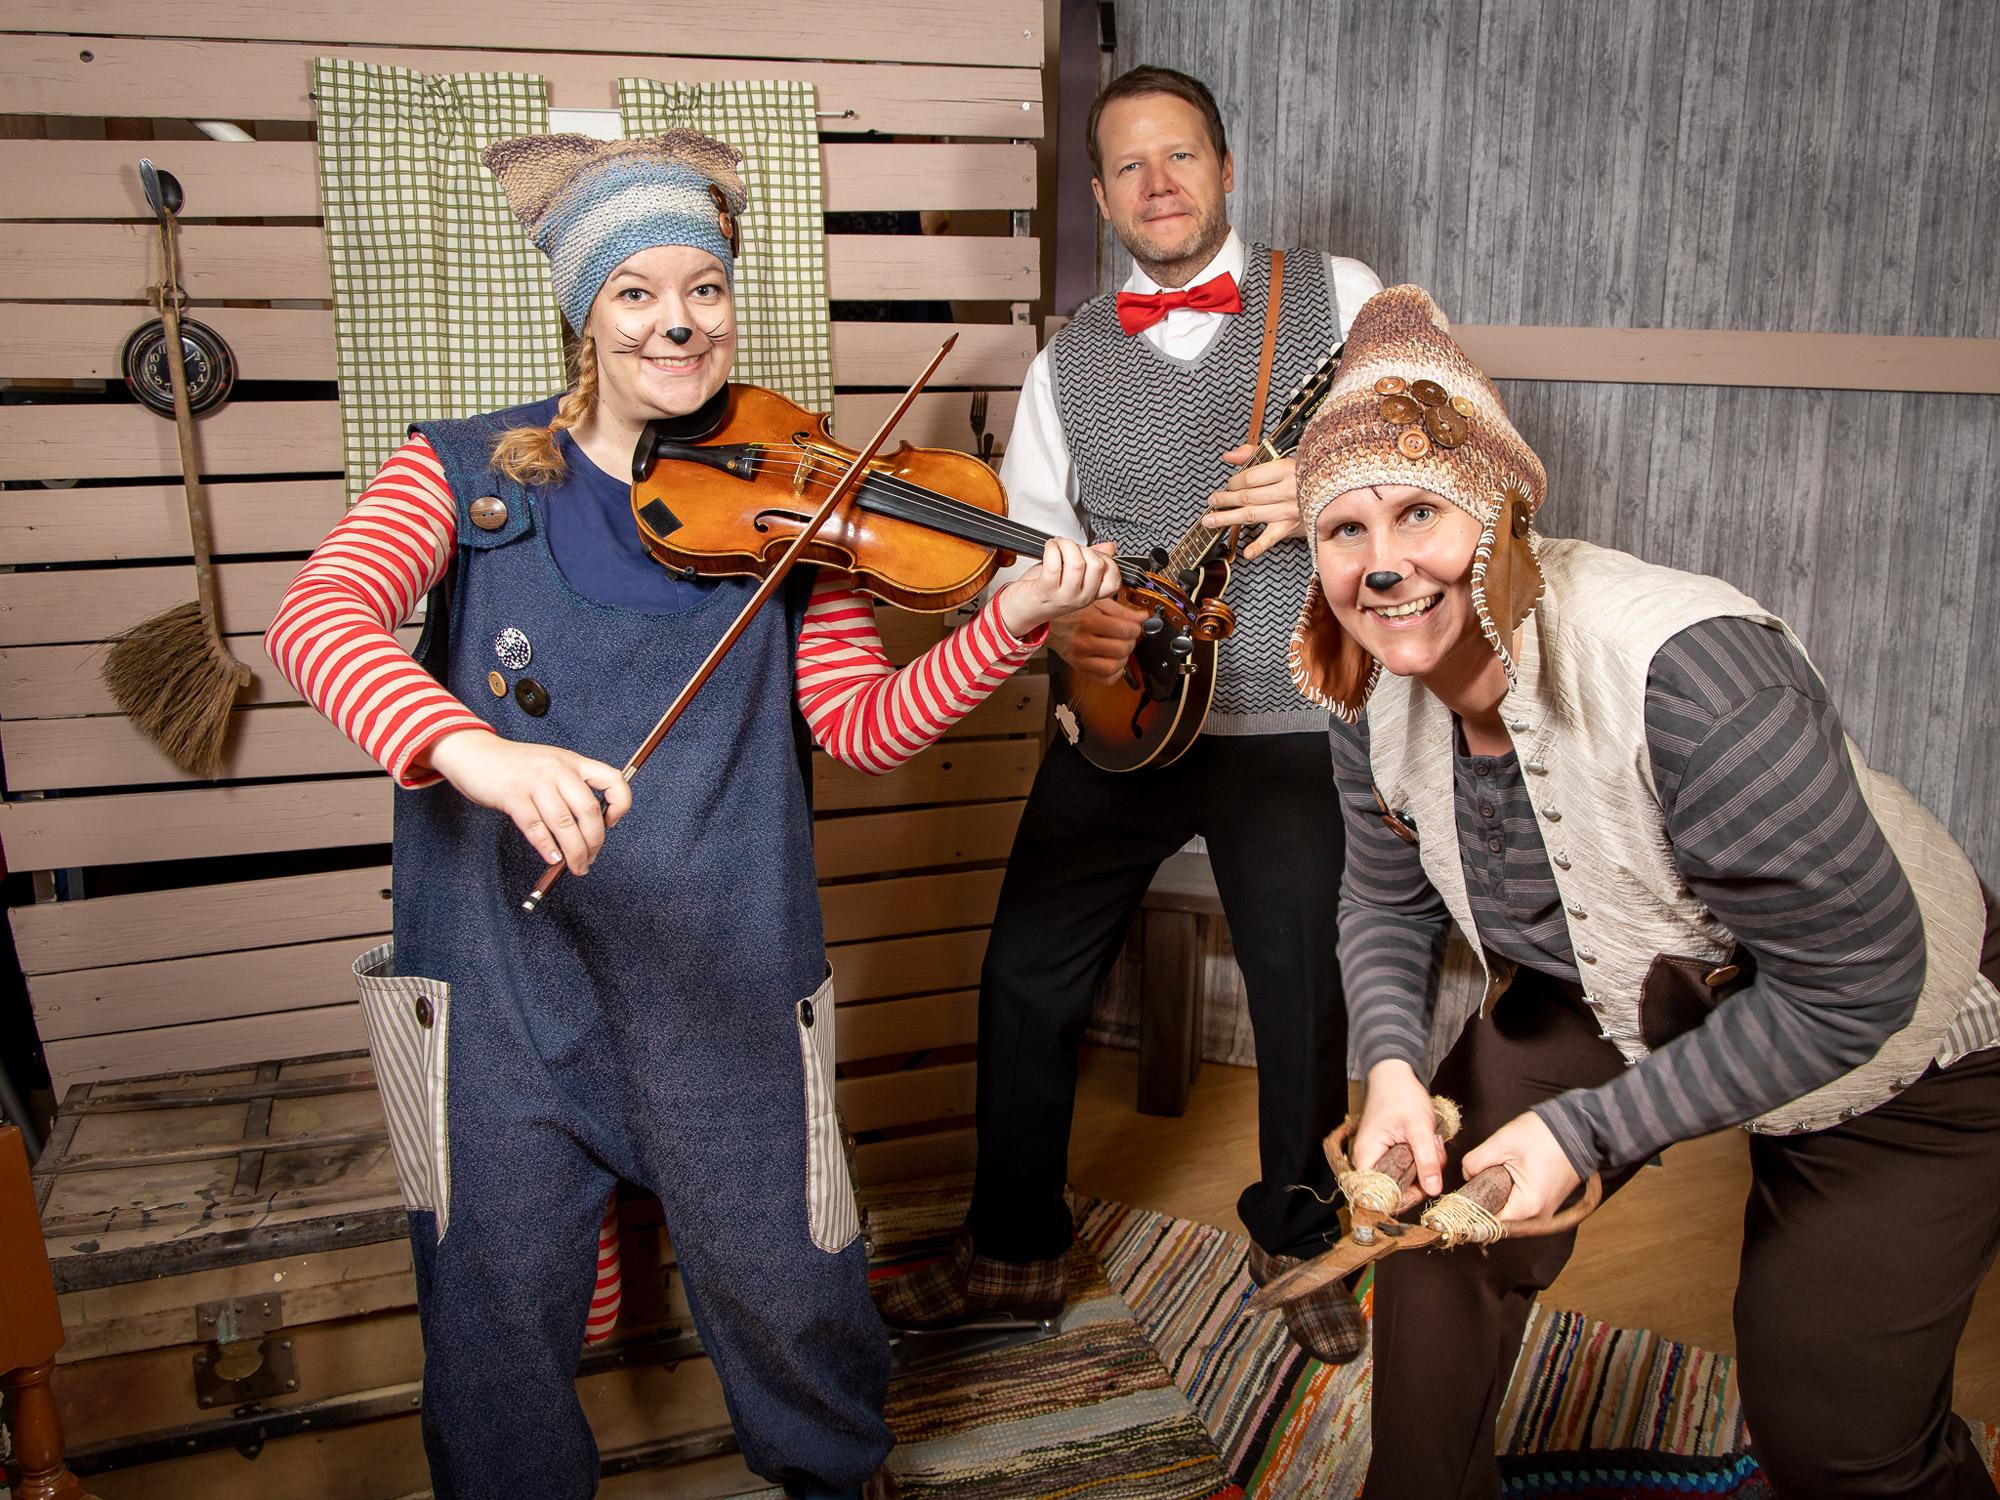 Maukka ja Väykkä -esityksessä nähdään ja kuullaan Eeva Kurssi, Laura Kivimäki ja Sami Silén.